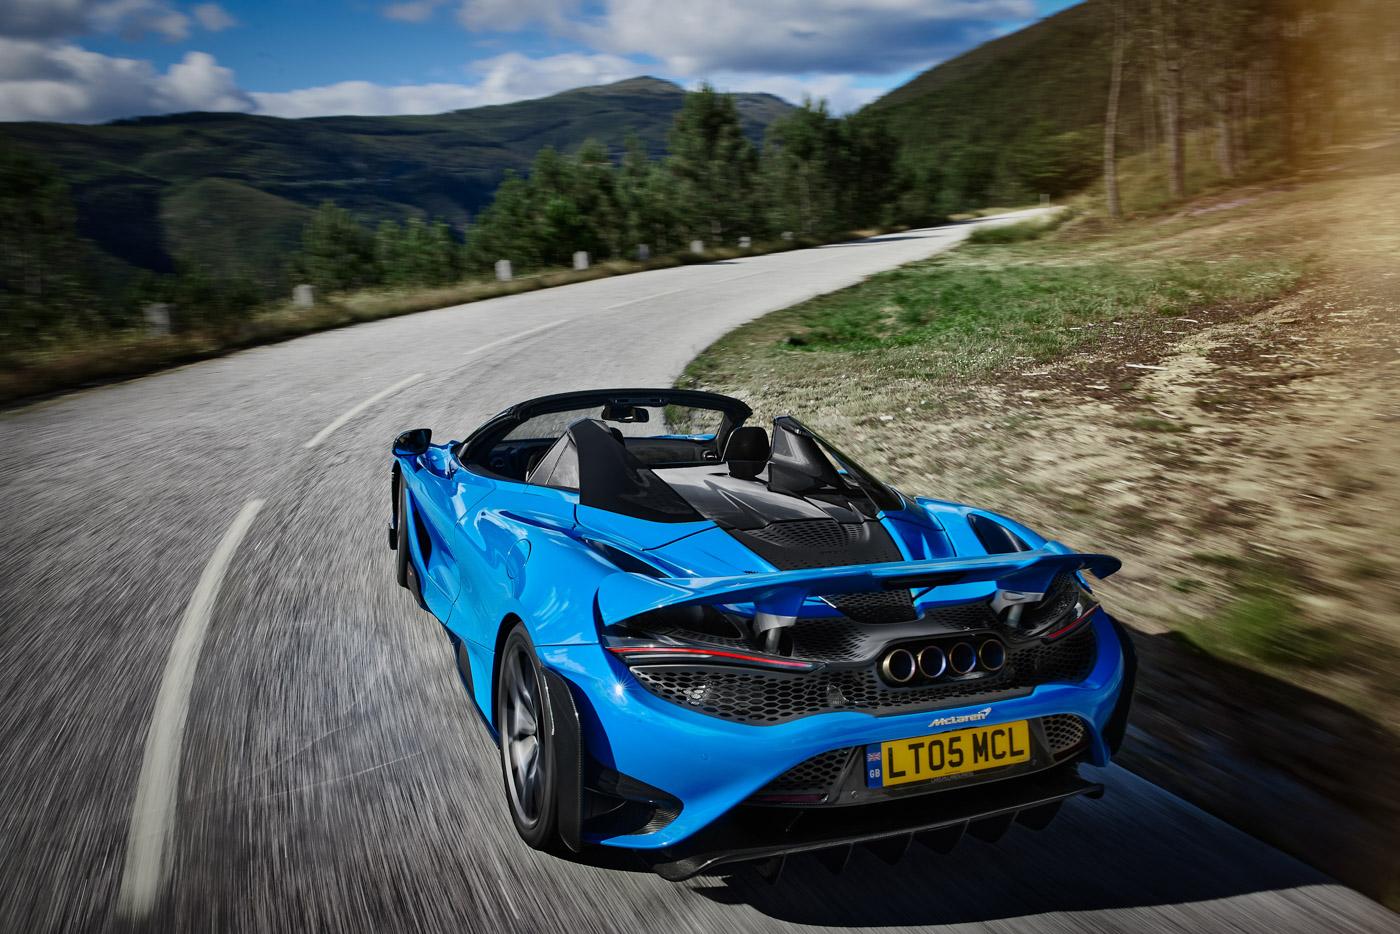 McLaren-765-LT-Spider-siêu-xe-mui-trần-hiệu-năng-cao-dẫn-đầu-phân-khúc-11.jpg